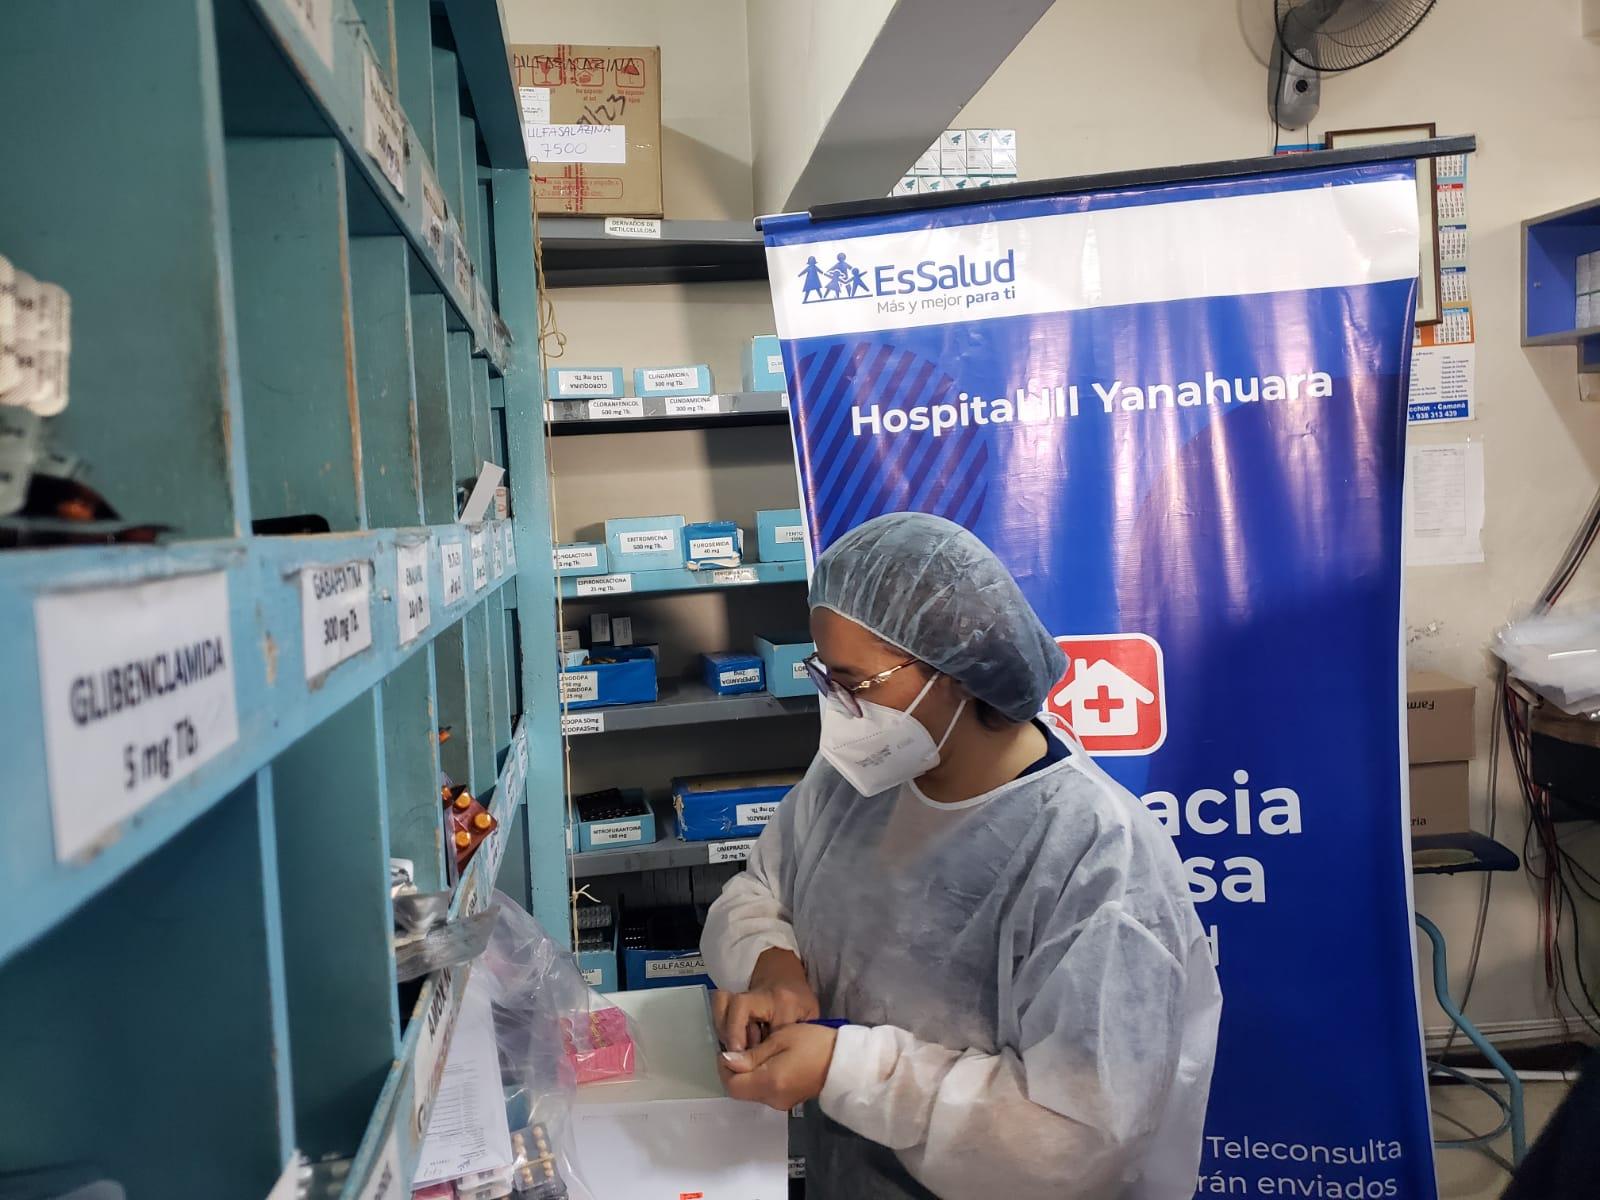 Essalud - EsSalud Arequipa: reparto de medicamentos a domicilio se incrementó hasta en 600% en Yanahuara